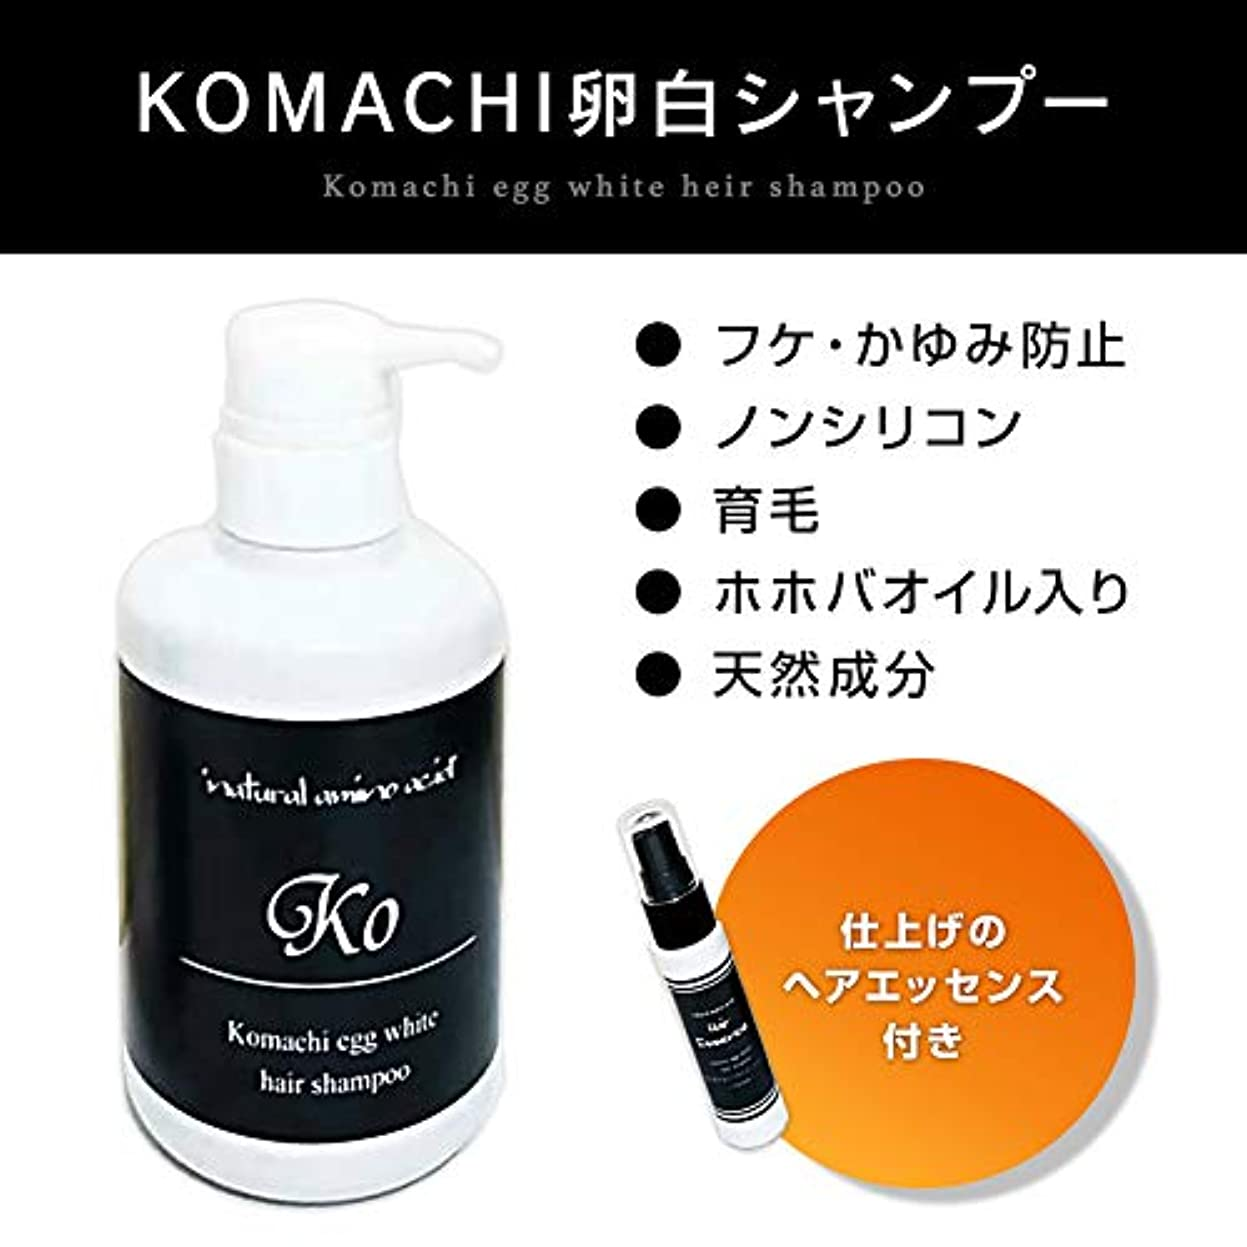 金銭的ホステスクリケットKOMACHI シャンプー メンズ 無添加 人気 オーガニック ノンシリコン 日本製 ホホバオイル入り ヘアエッセンス付きシャンプー セット